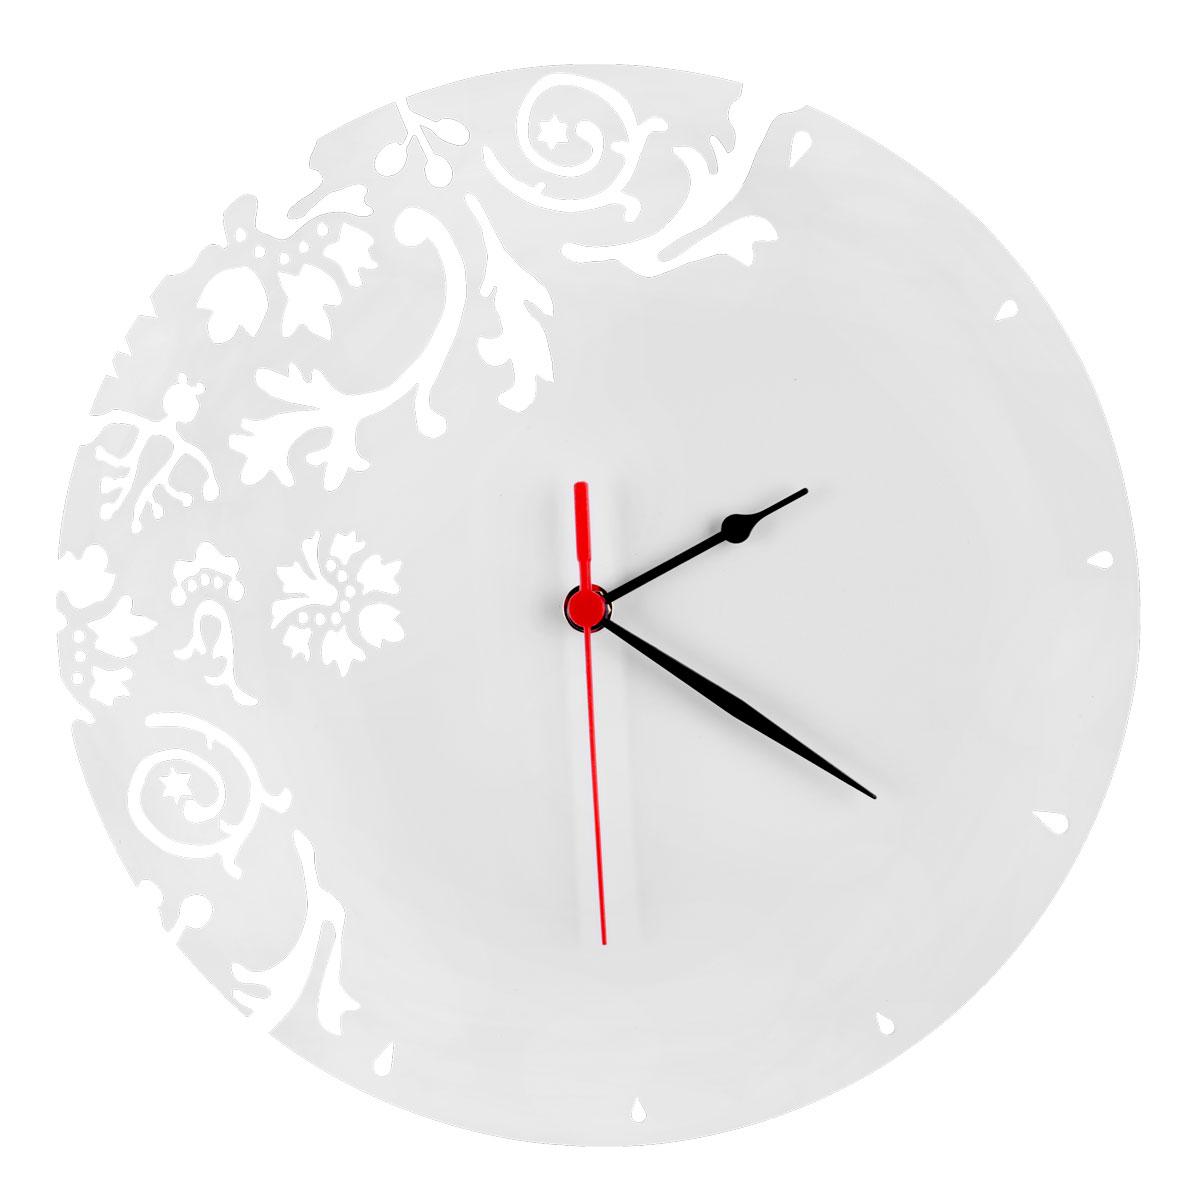 Часы настенные Miolla Узор, цвет: голубой, белыйCH020Оригинальные настенные часы круглой формы выполнены из стали. Часы имеют три стрелки - часовую, минутную и секундную и циферблат с цифрами. Необычное дизайнерское решение и качество исполнения придутся по вкусу каждому. Оформите свой дом таким интерьерным аксессуаром или преподнесите его в качестве презента друзьям, и они оценят ваш оригинальный вкус и неординарность подарка.